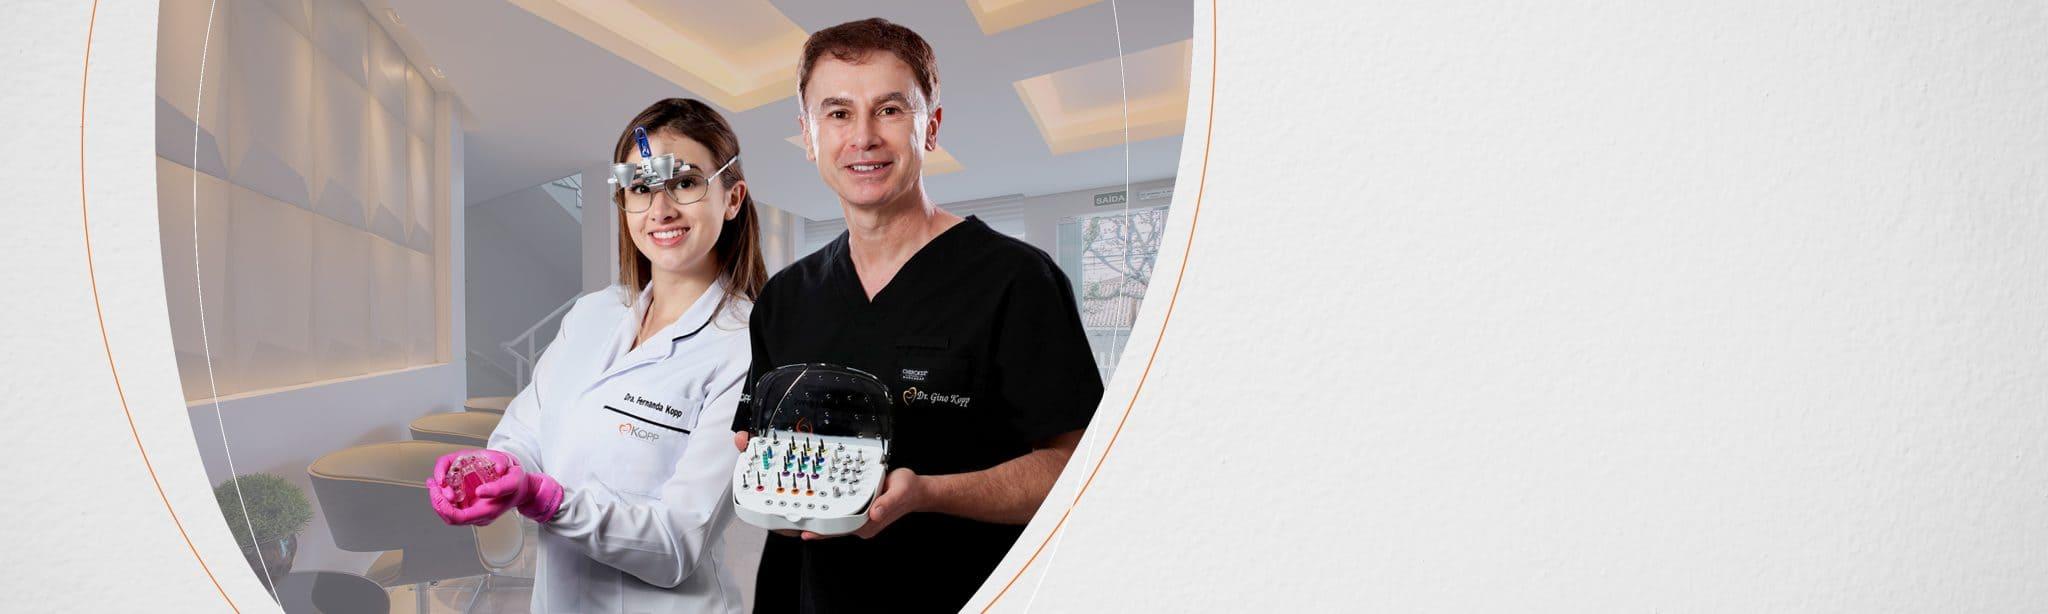 implante-guiado-kopp